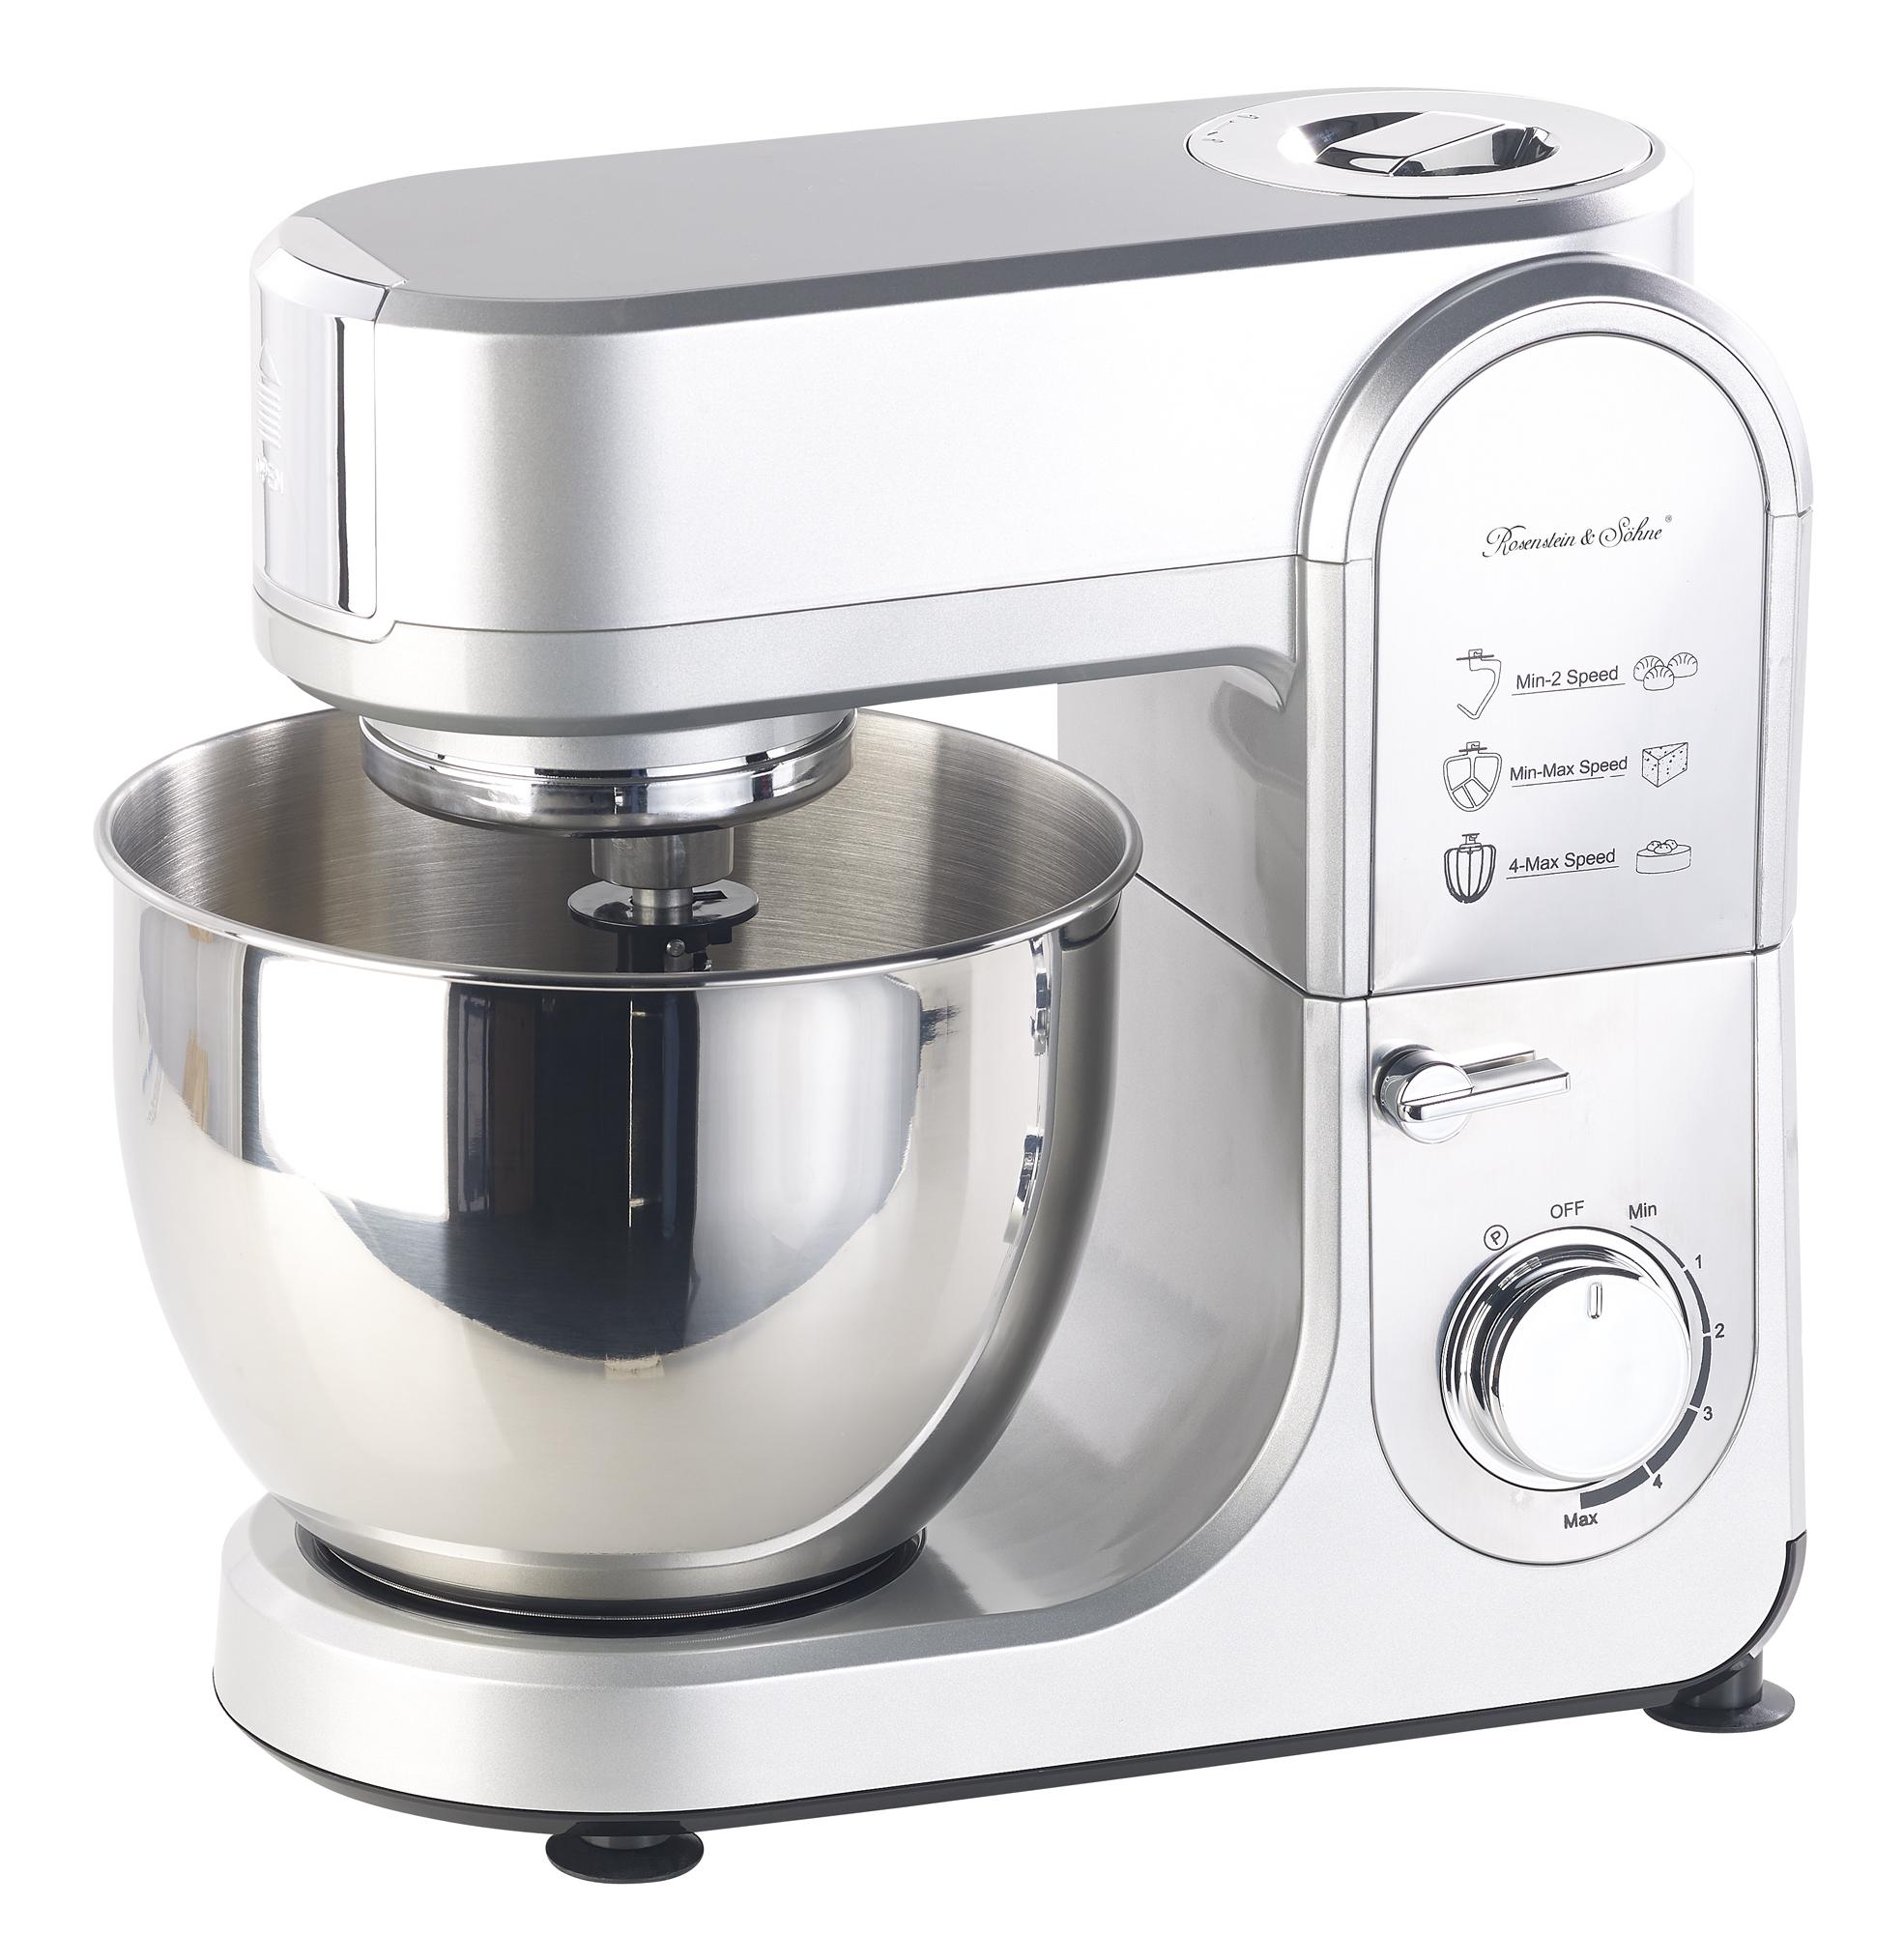 All In One Küchenmaschine 2021